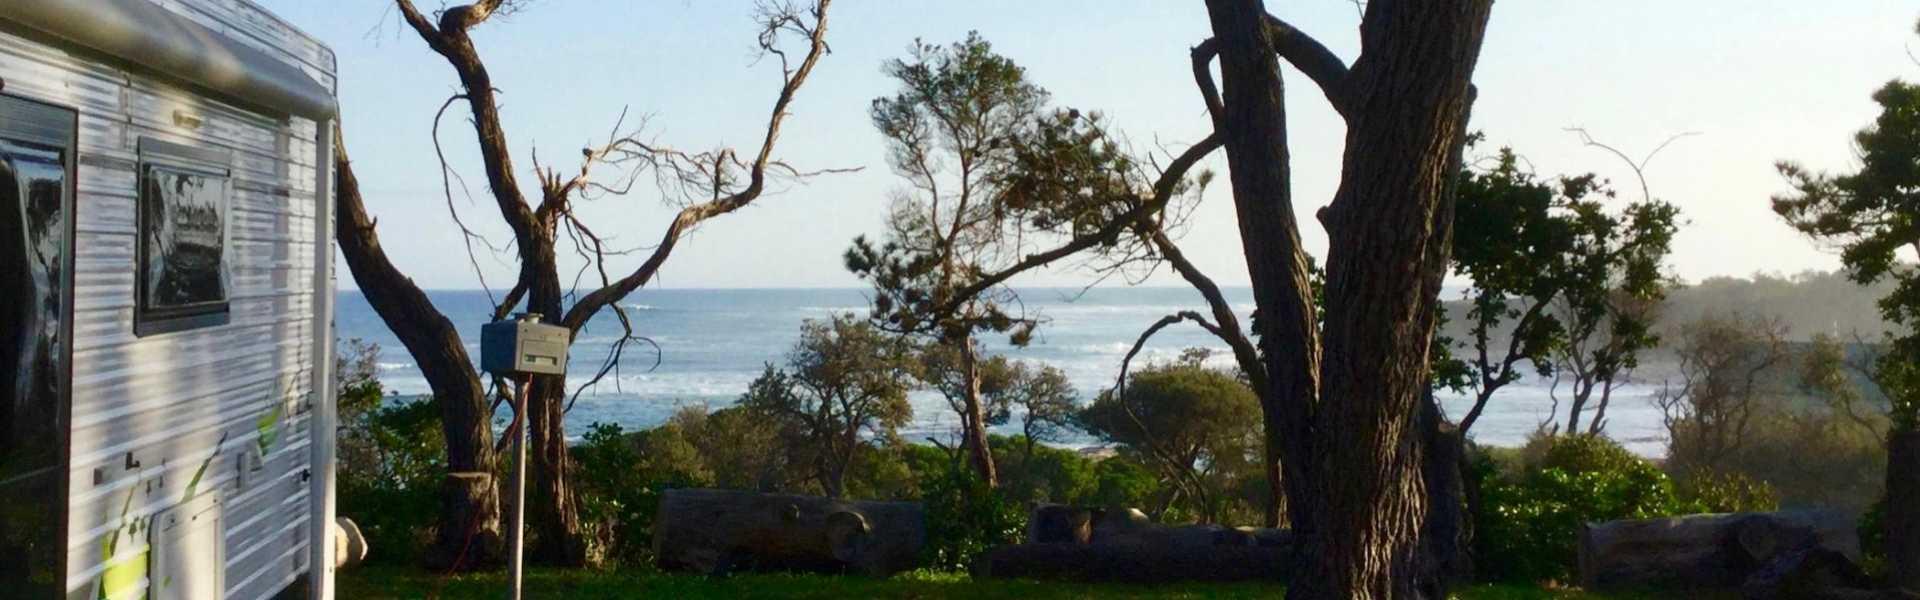 Kui Parks, Cape Paterson Caravan Park, View